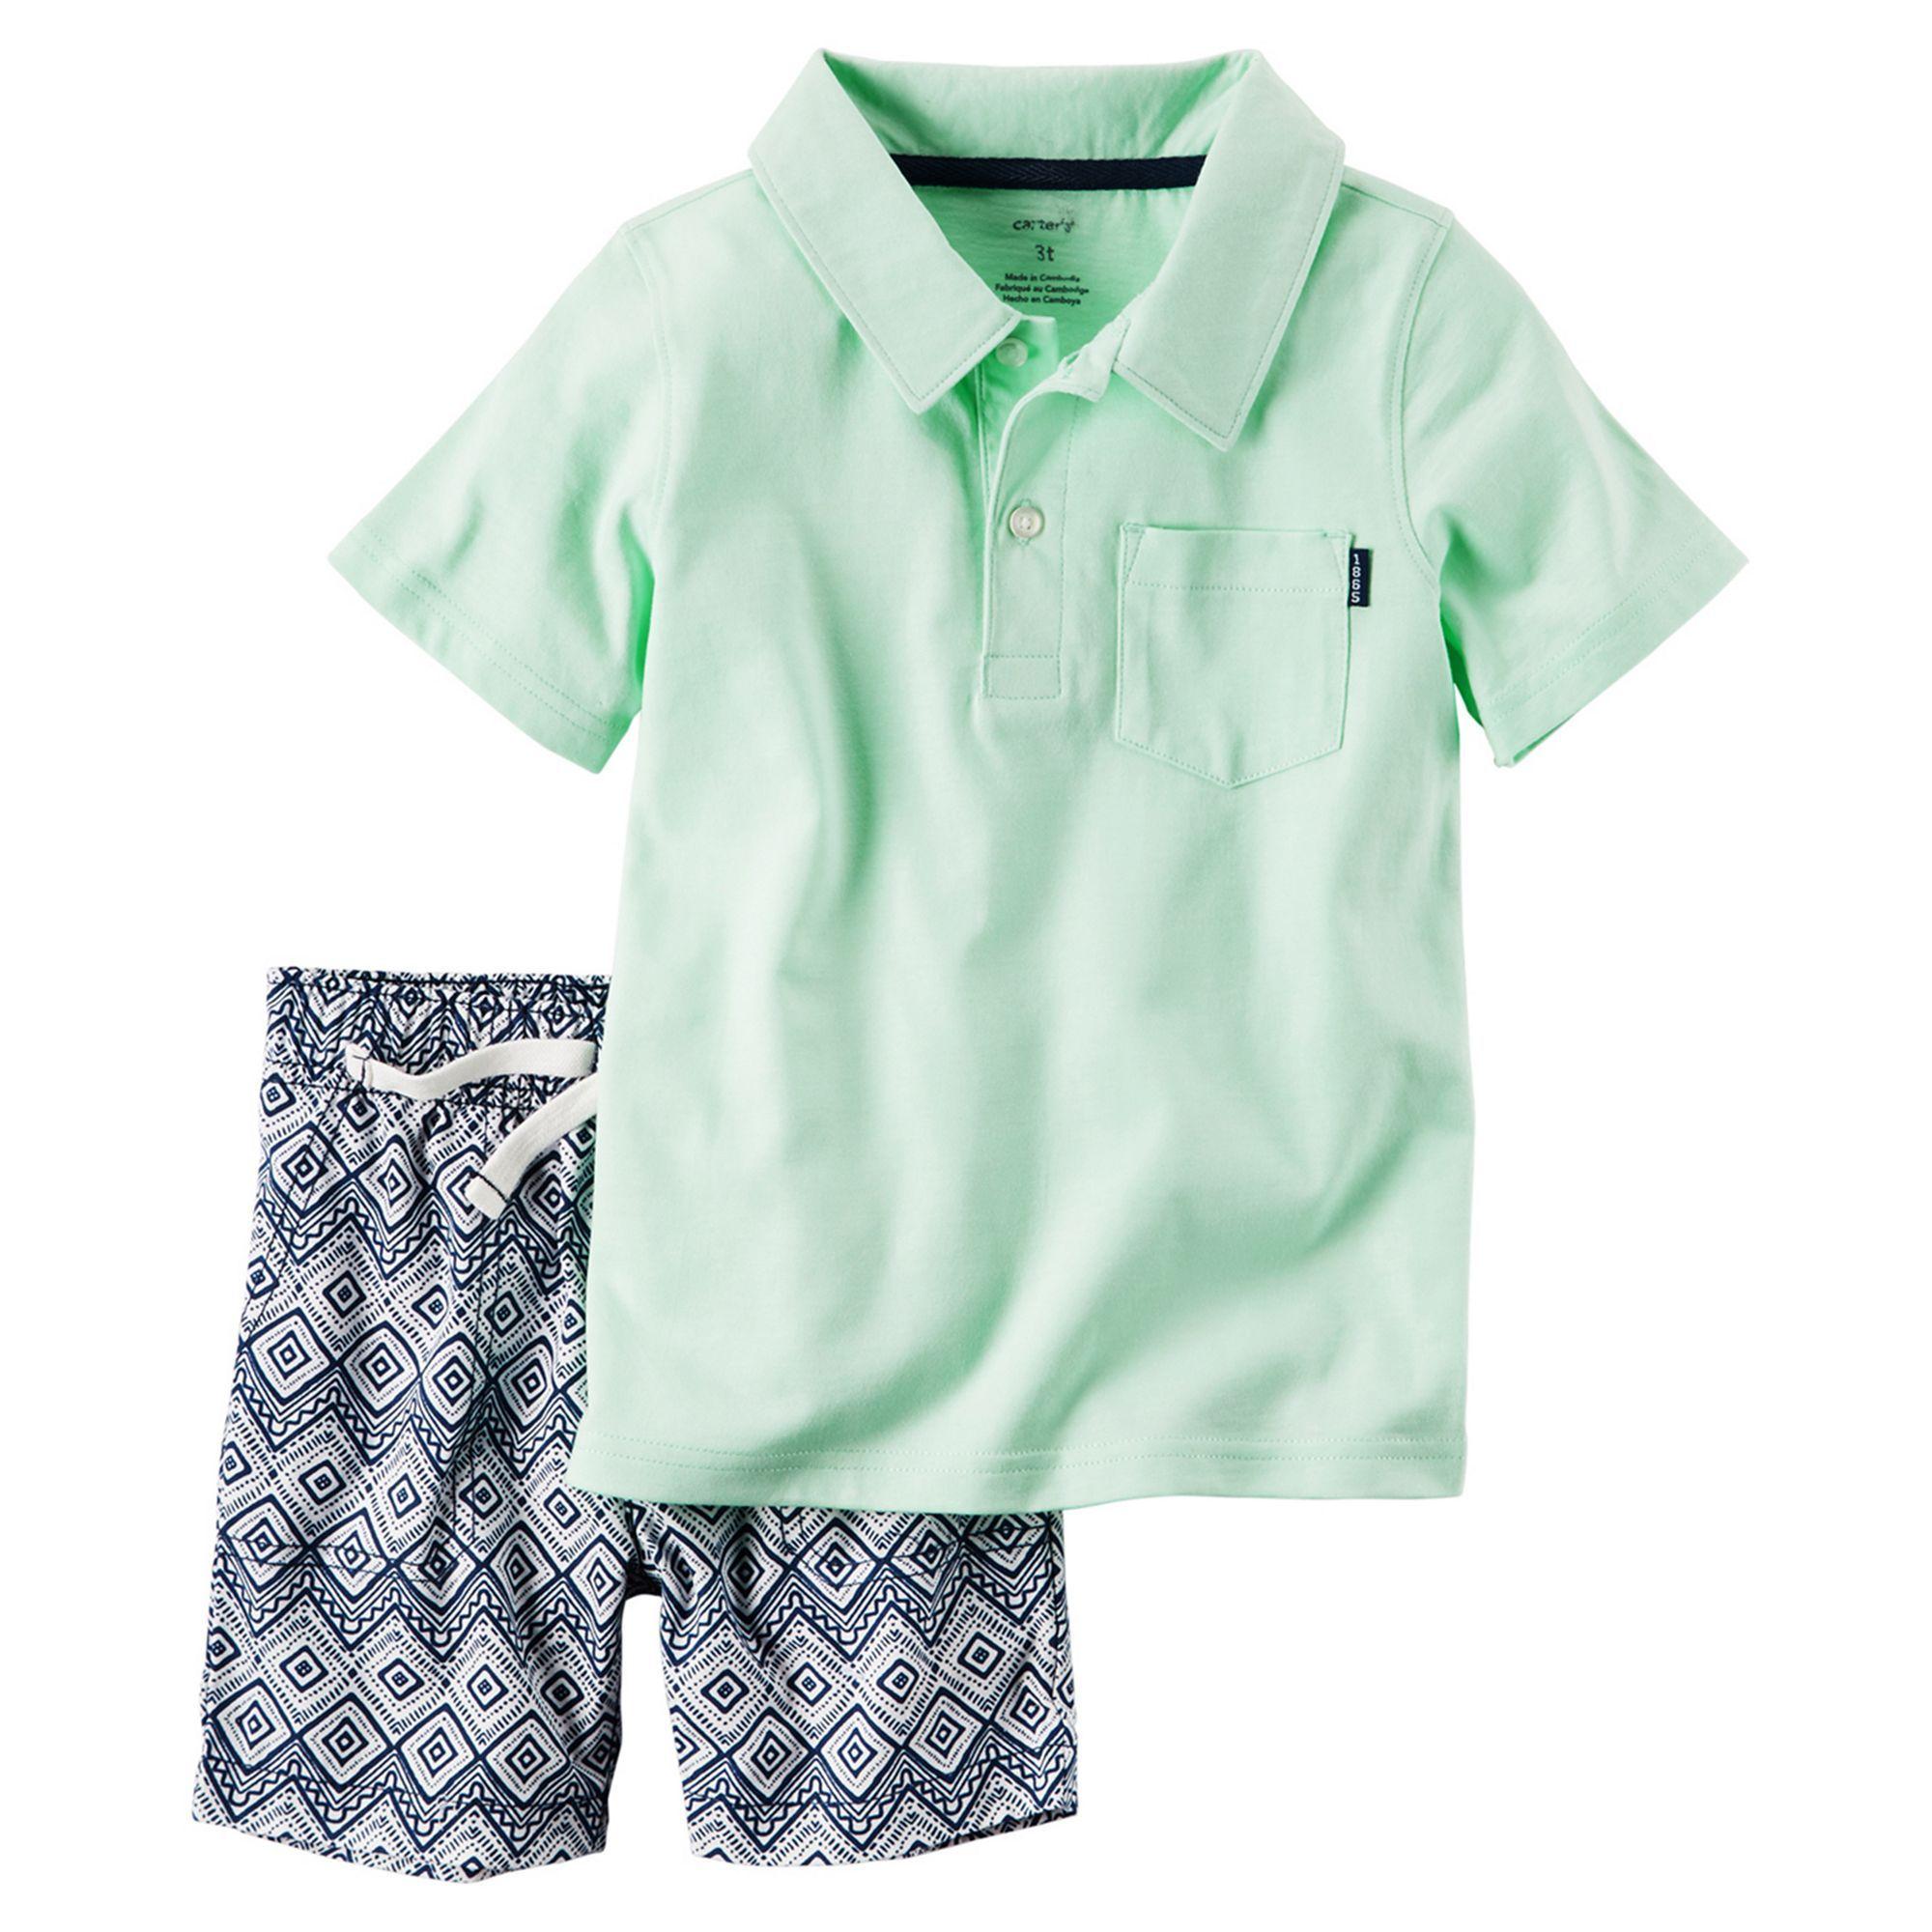 3a8b96d0 Toddler Boy Carter's Mint Polo Shirt & Geo-Print Canvas Shorts Set, Size:  2T, Lt Green